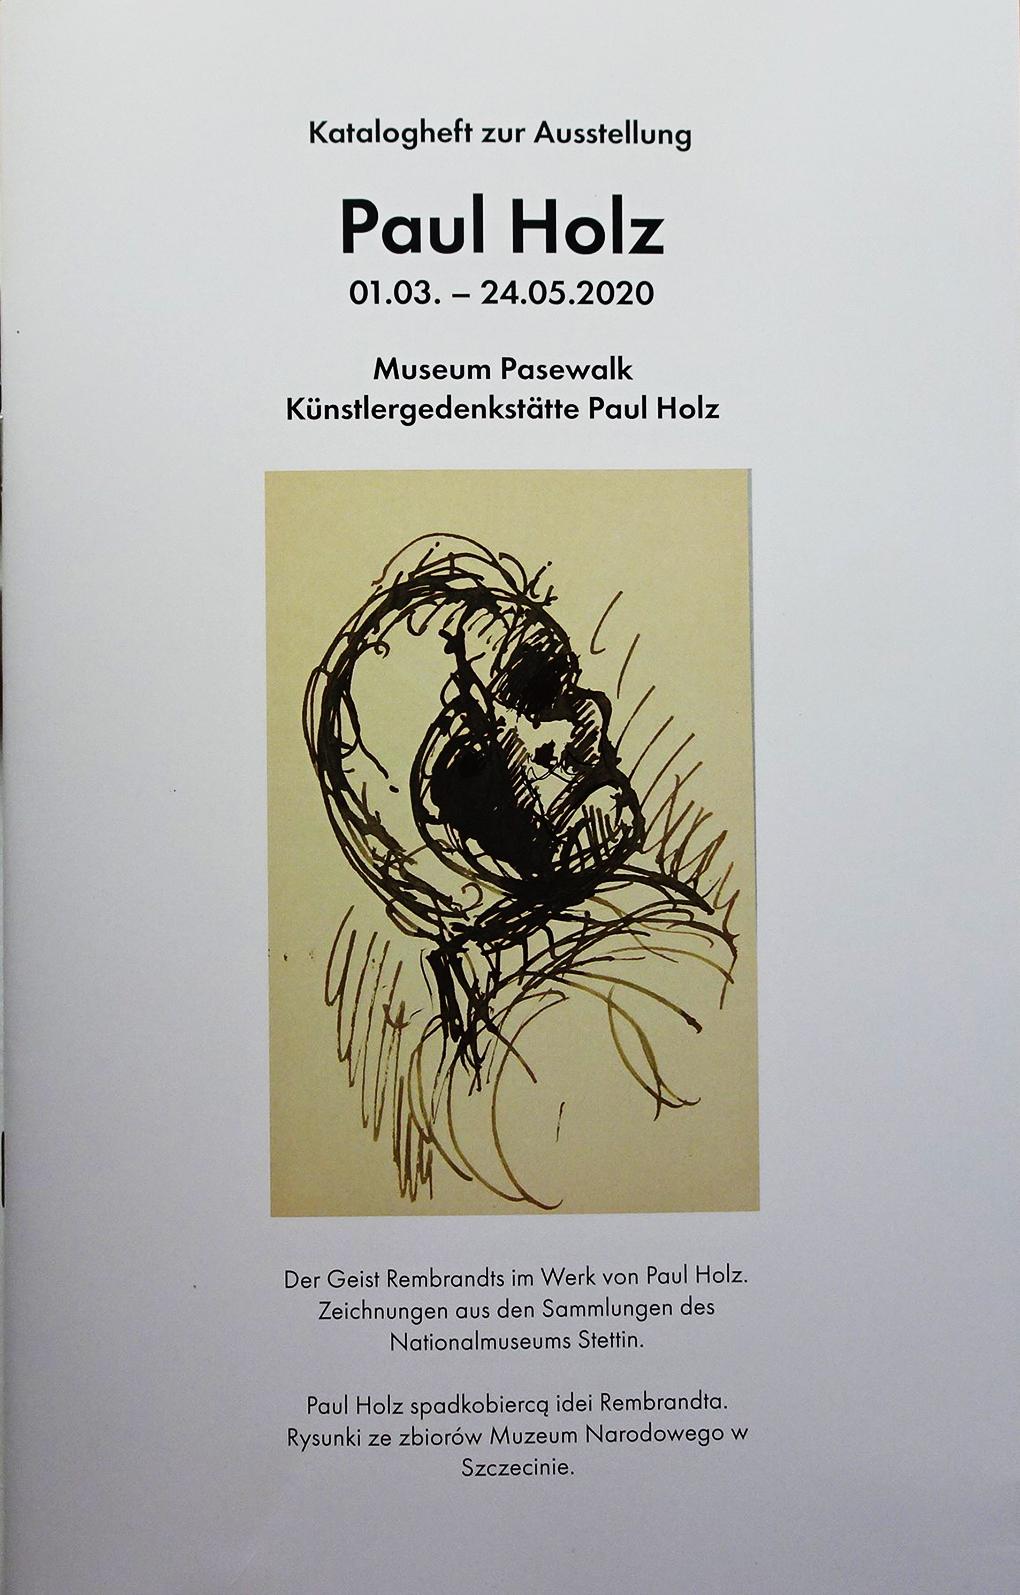 Okładka katalogu wystawy z reprodukcją rysunku Paula Holza, Stary mężczyzna oglądający się za siebie, przed 1925, pióro, niebieski atrament, papier, Muzeum Narodowe w Szczecinie, fot. Grzegorz Solecki & Arkadiusz Piętak.